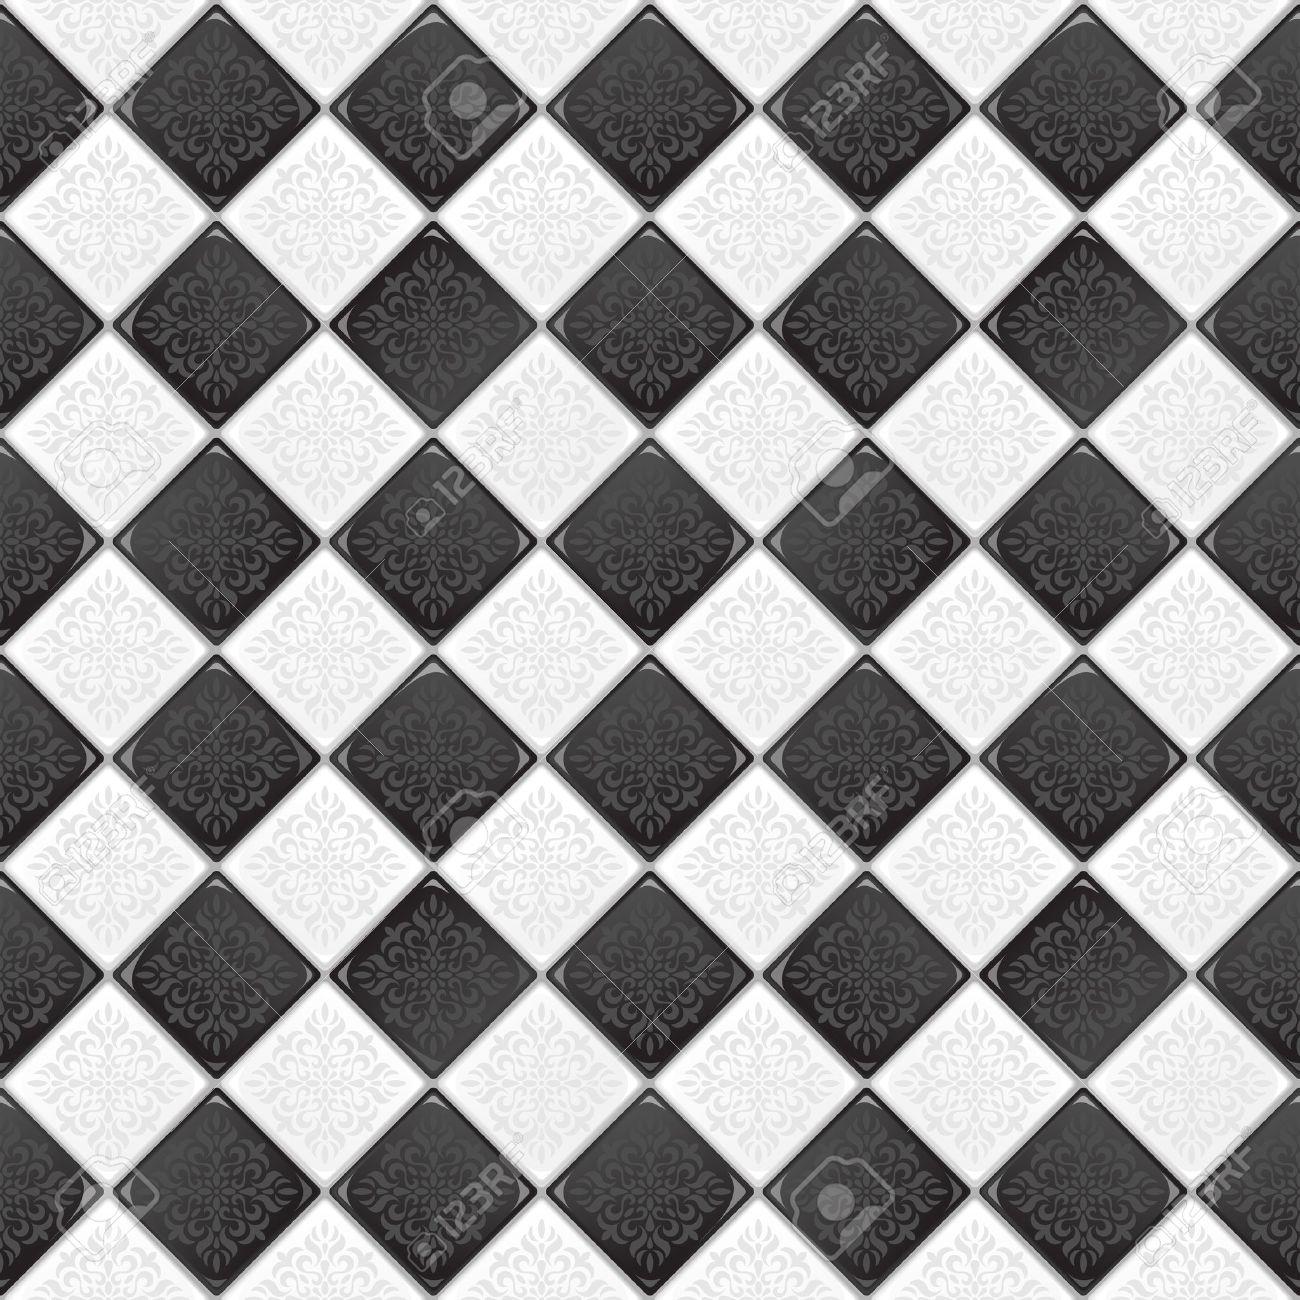 Carrelage Noir Blanc carrelage noir et blanc avec l'ornement victorian rétro clip art